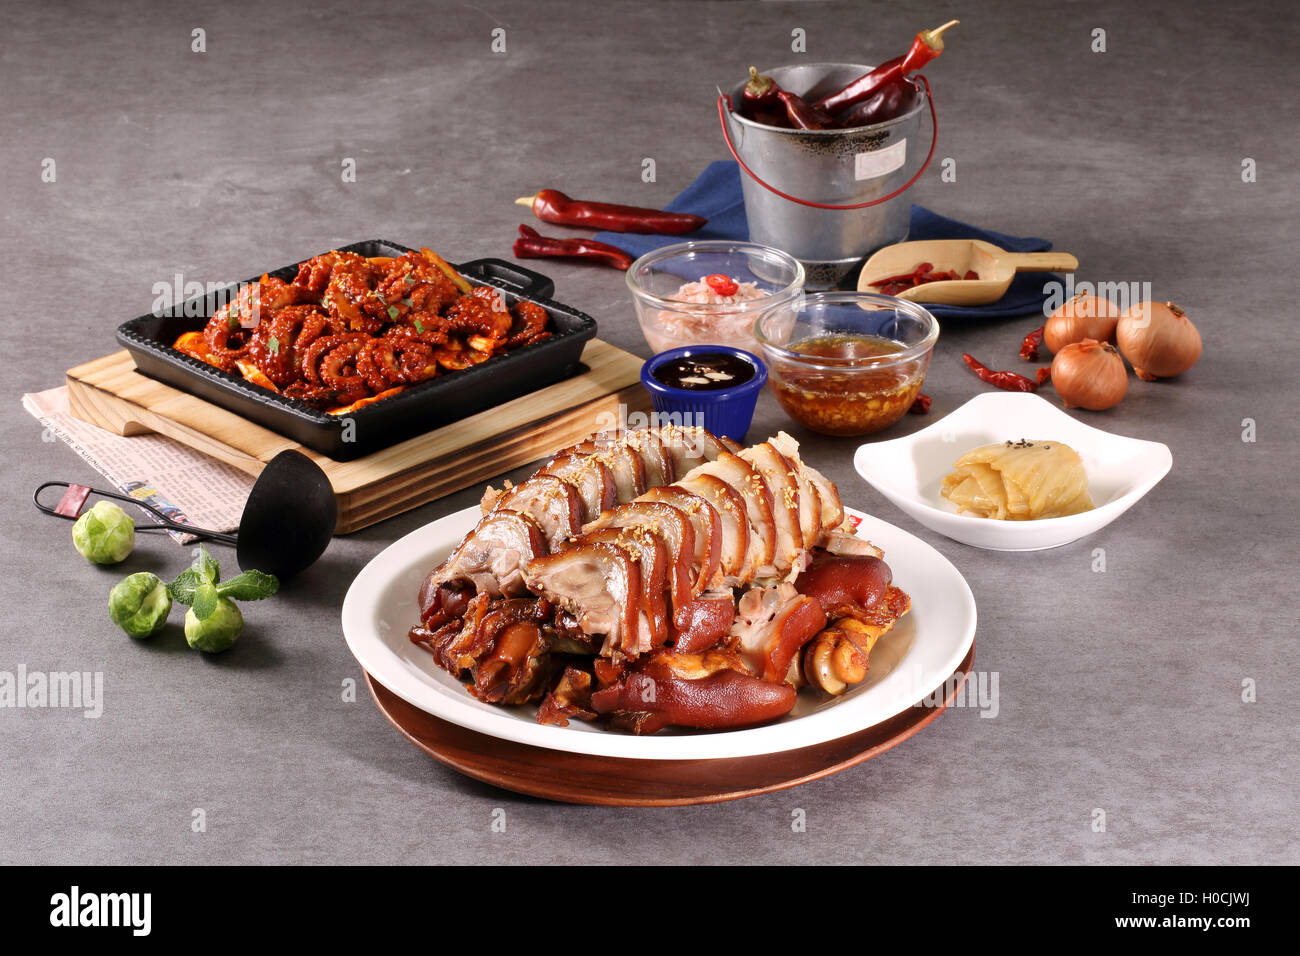 Korean Fried Pork Chops Stock Photos & Korean Fried Pork